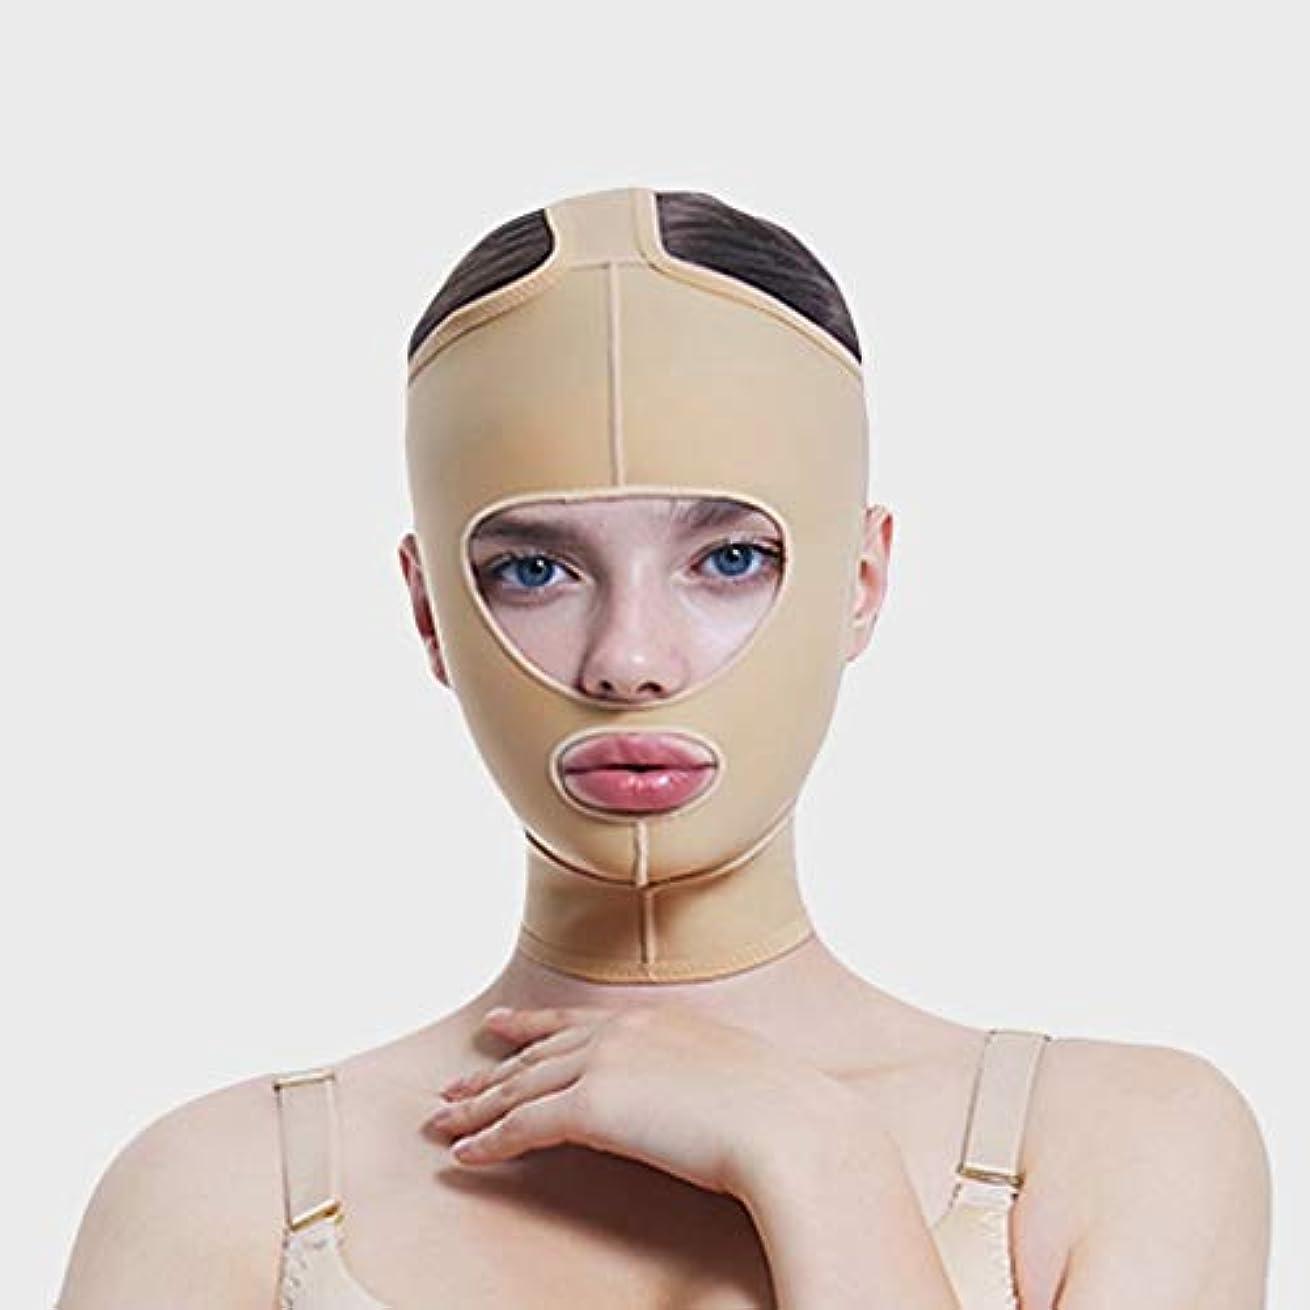 有効化カビ迷信チークリフトベルト、顔のライン、フルフェイスマスク、チークリフトベルト、フェイスバンド、フェイスリフトベルト (Size : M)